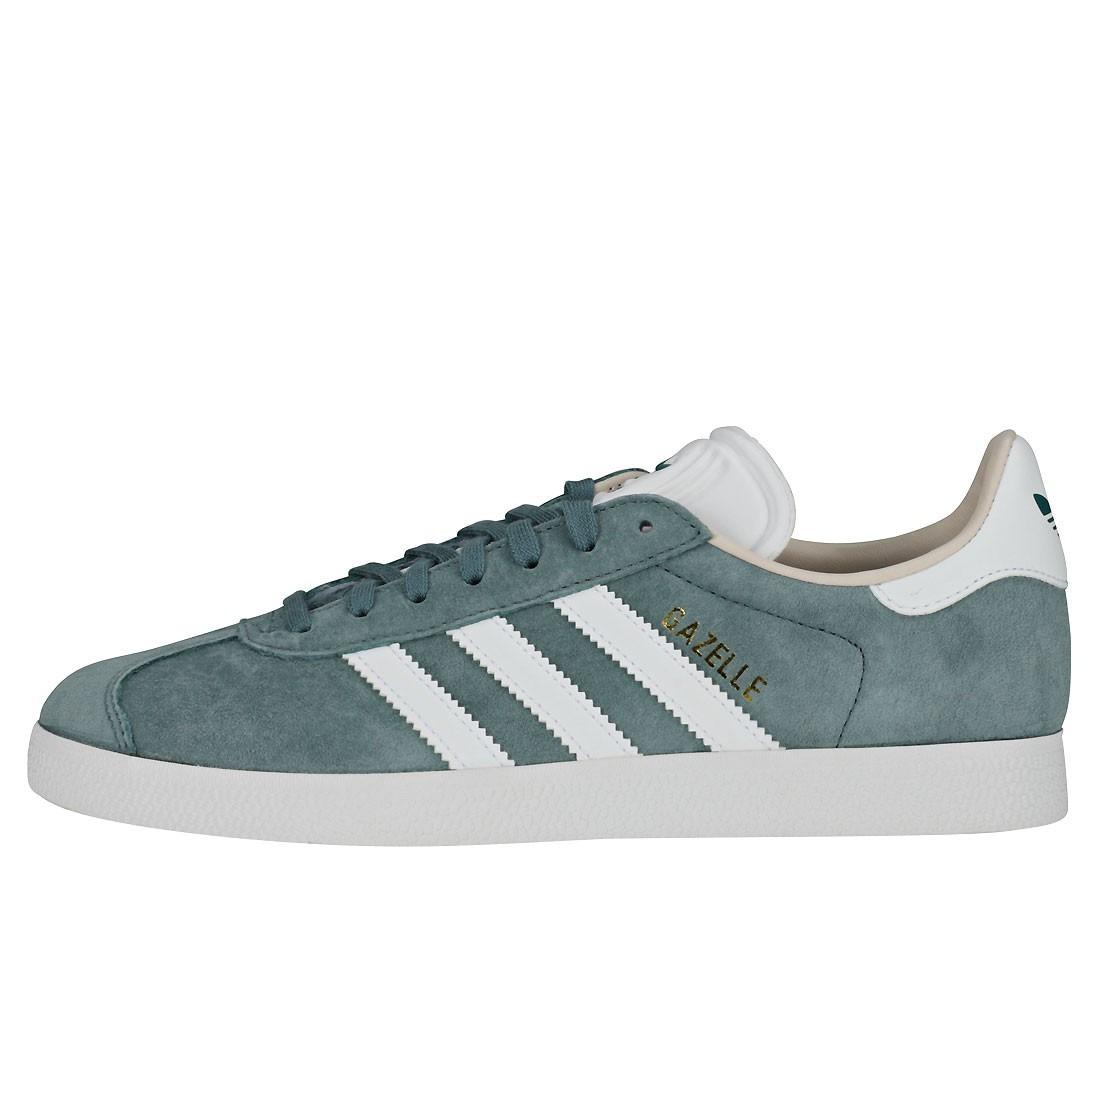 zapatillas adidas gazelle verdes mujer